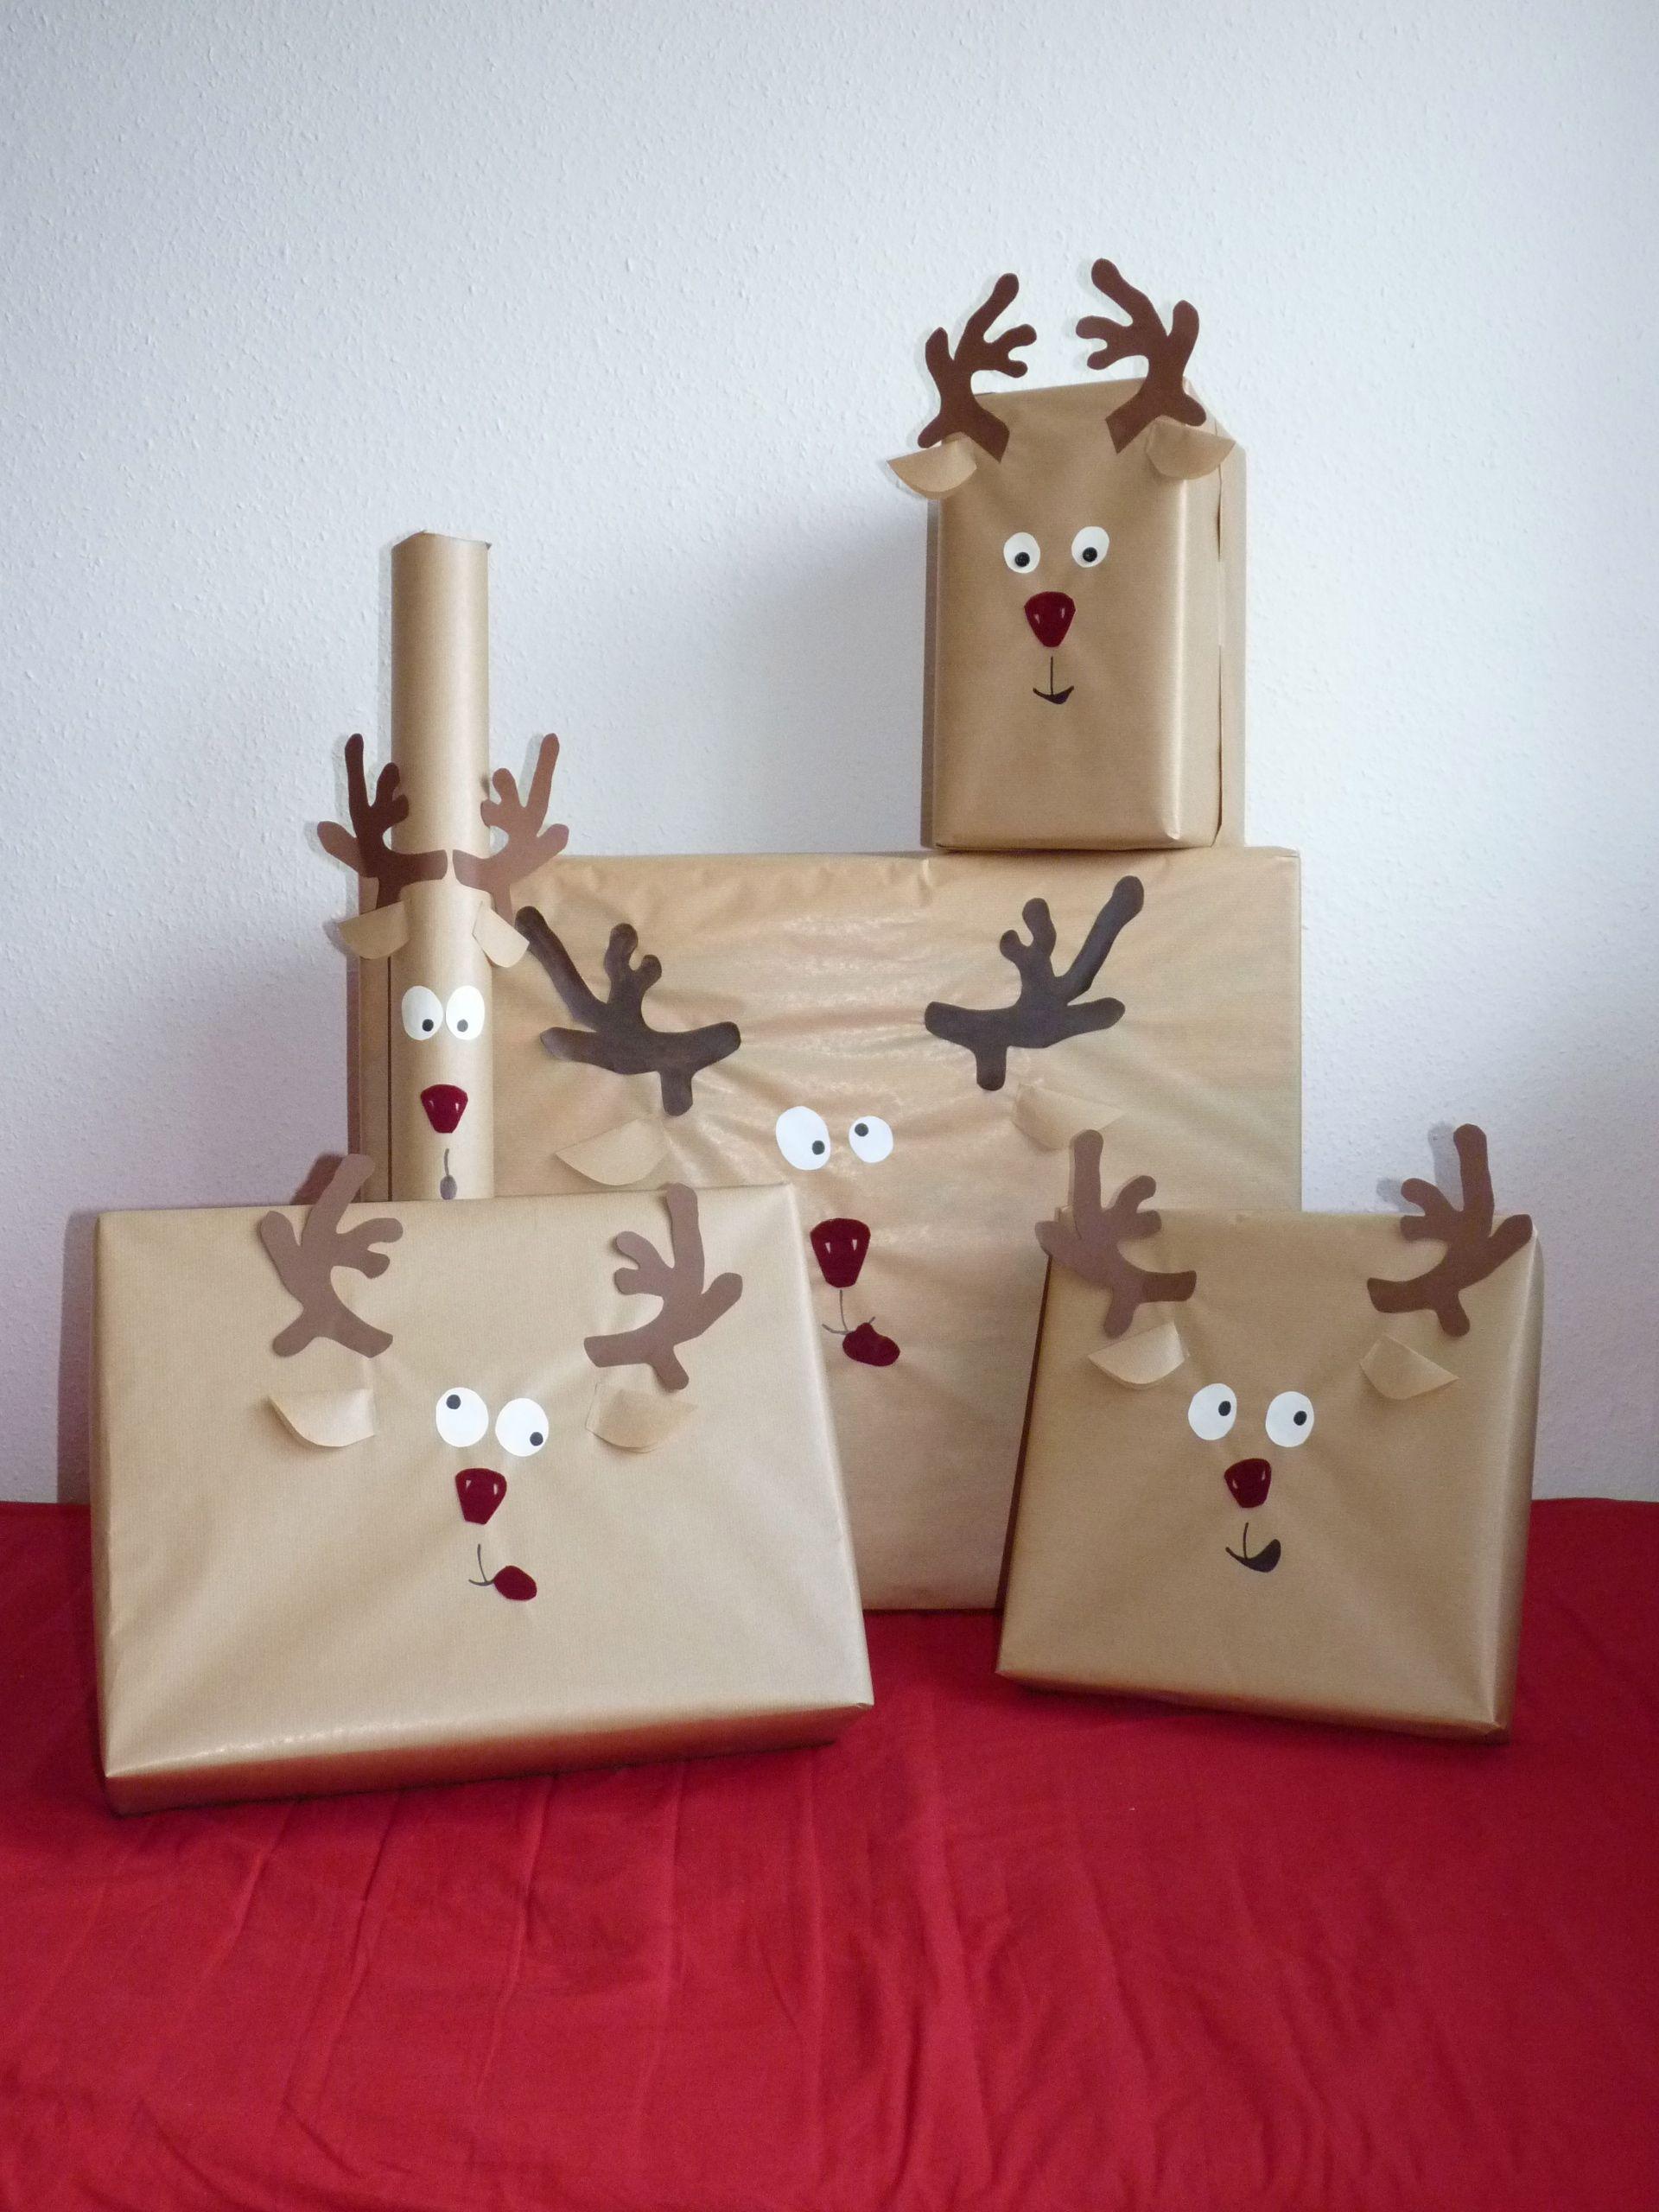 34 Beautiful Ways to Wrap Presents This Holiday Season | Wraps ...